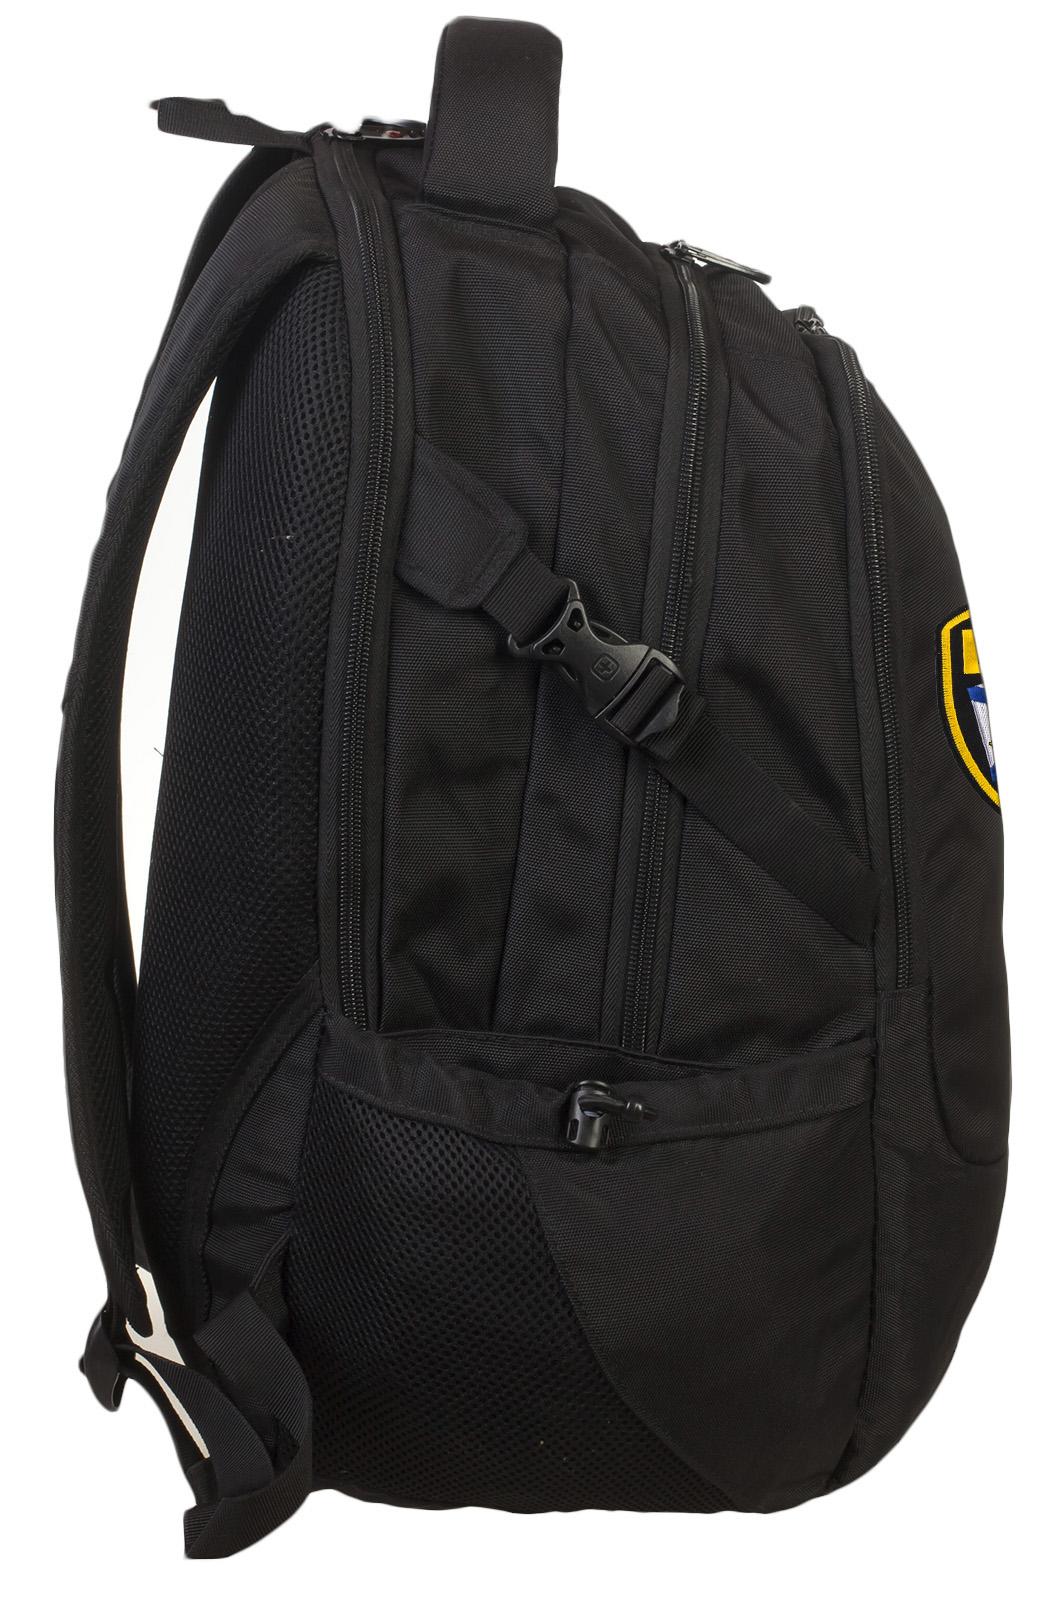 Надежный стильный рюкзак с нашивкой ВМФ - купить онлайн